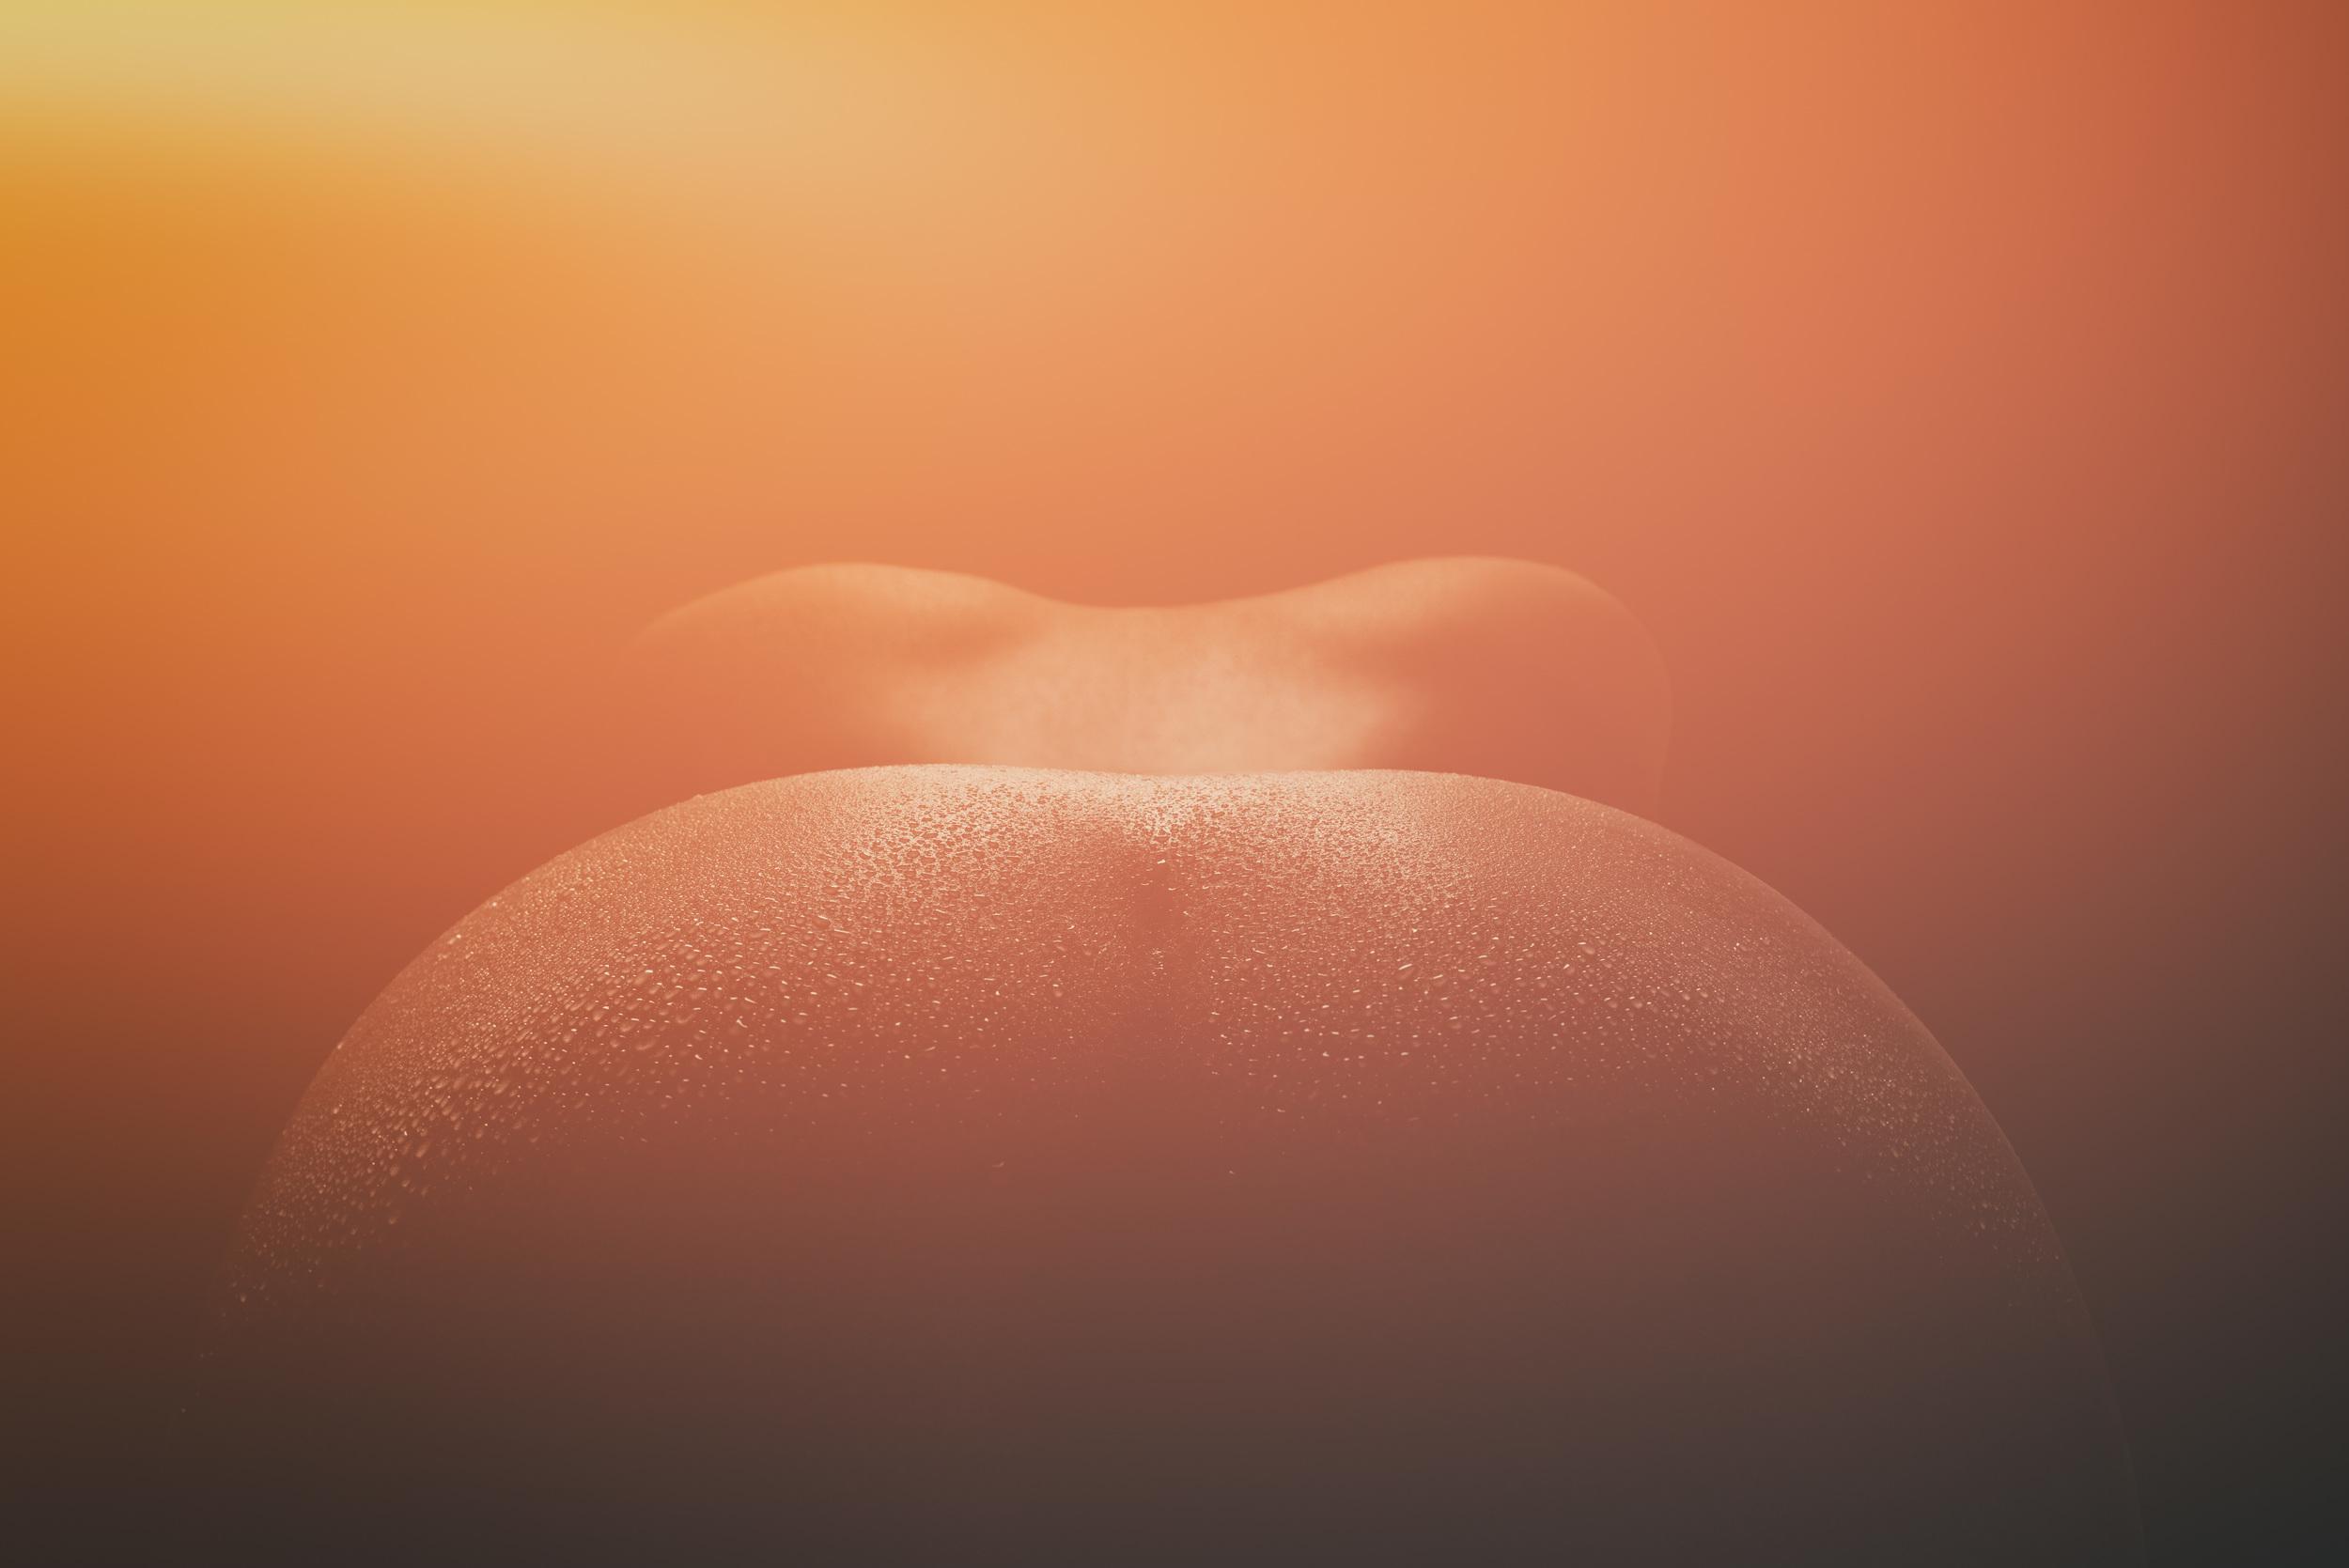 Sunny bodyscape